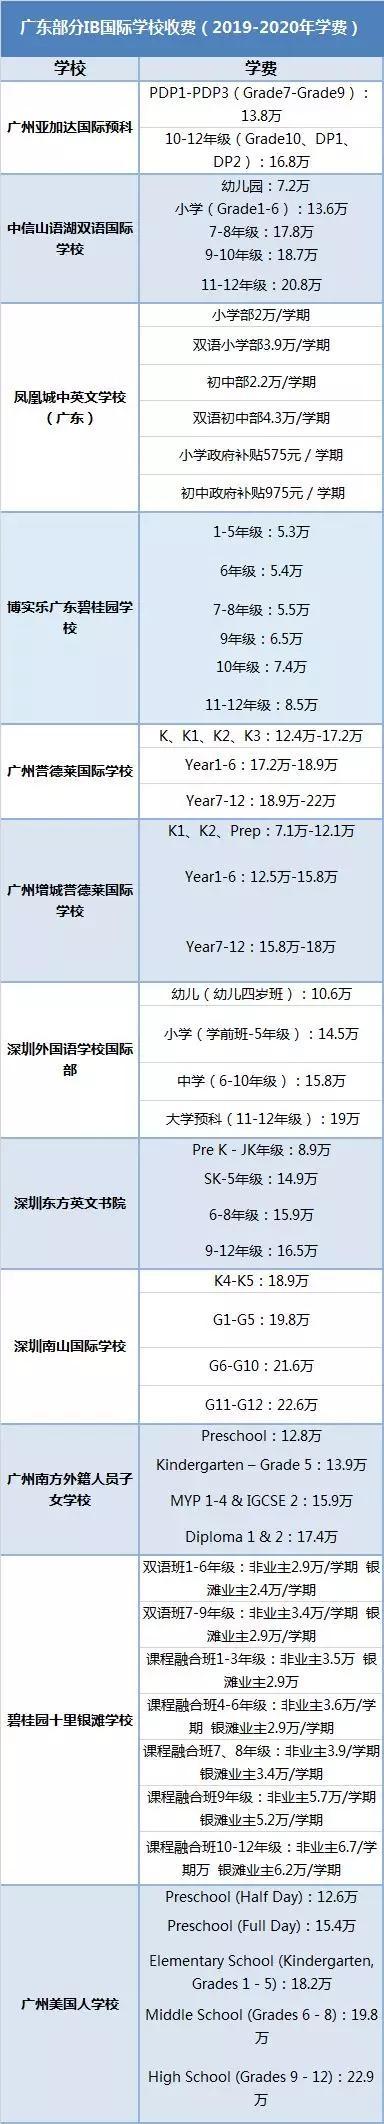 所有学费信息均来自各学校官网(仅显示官网公布学费)